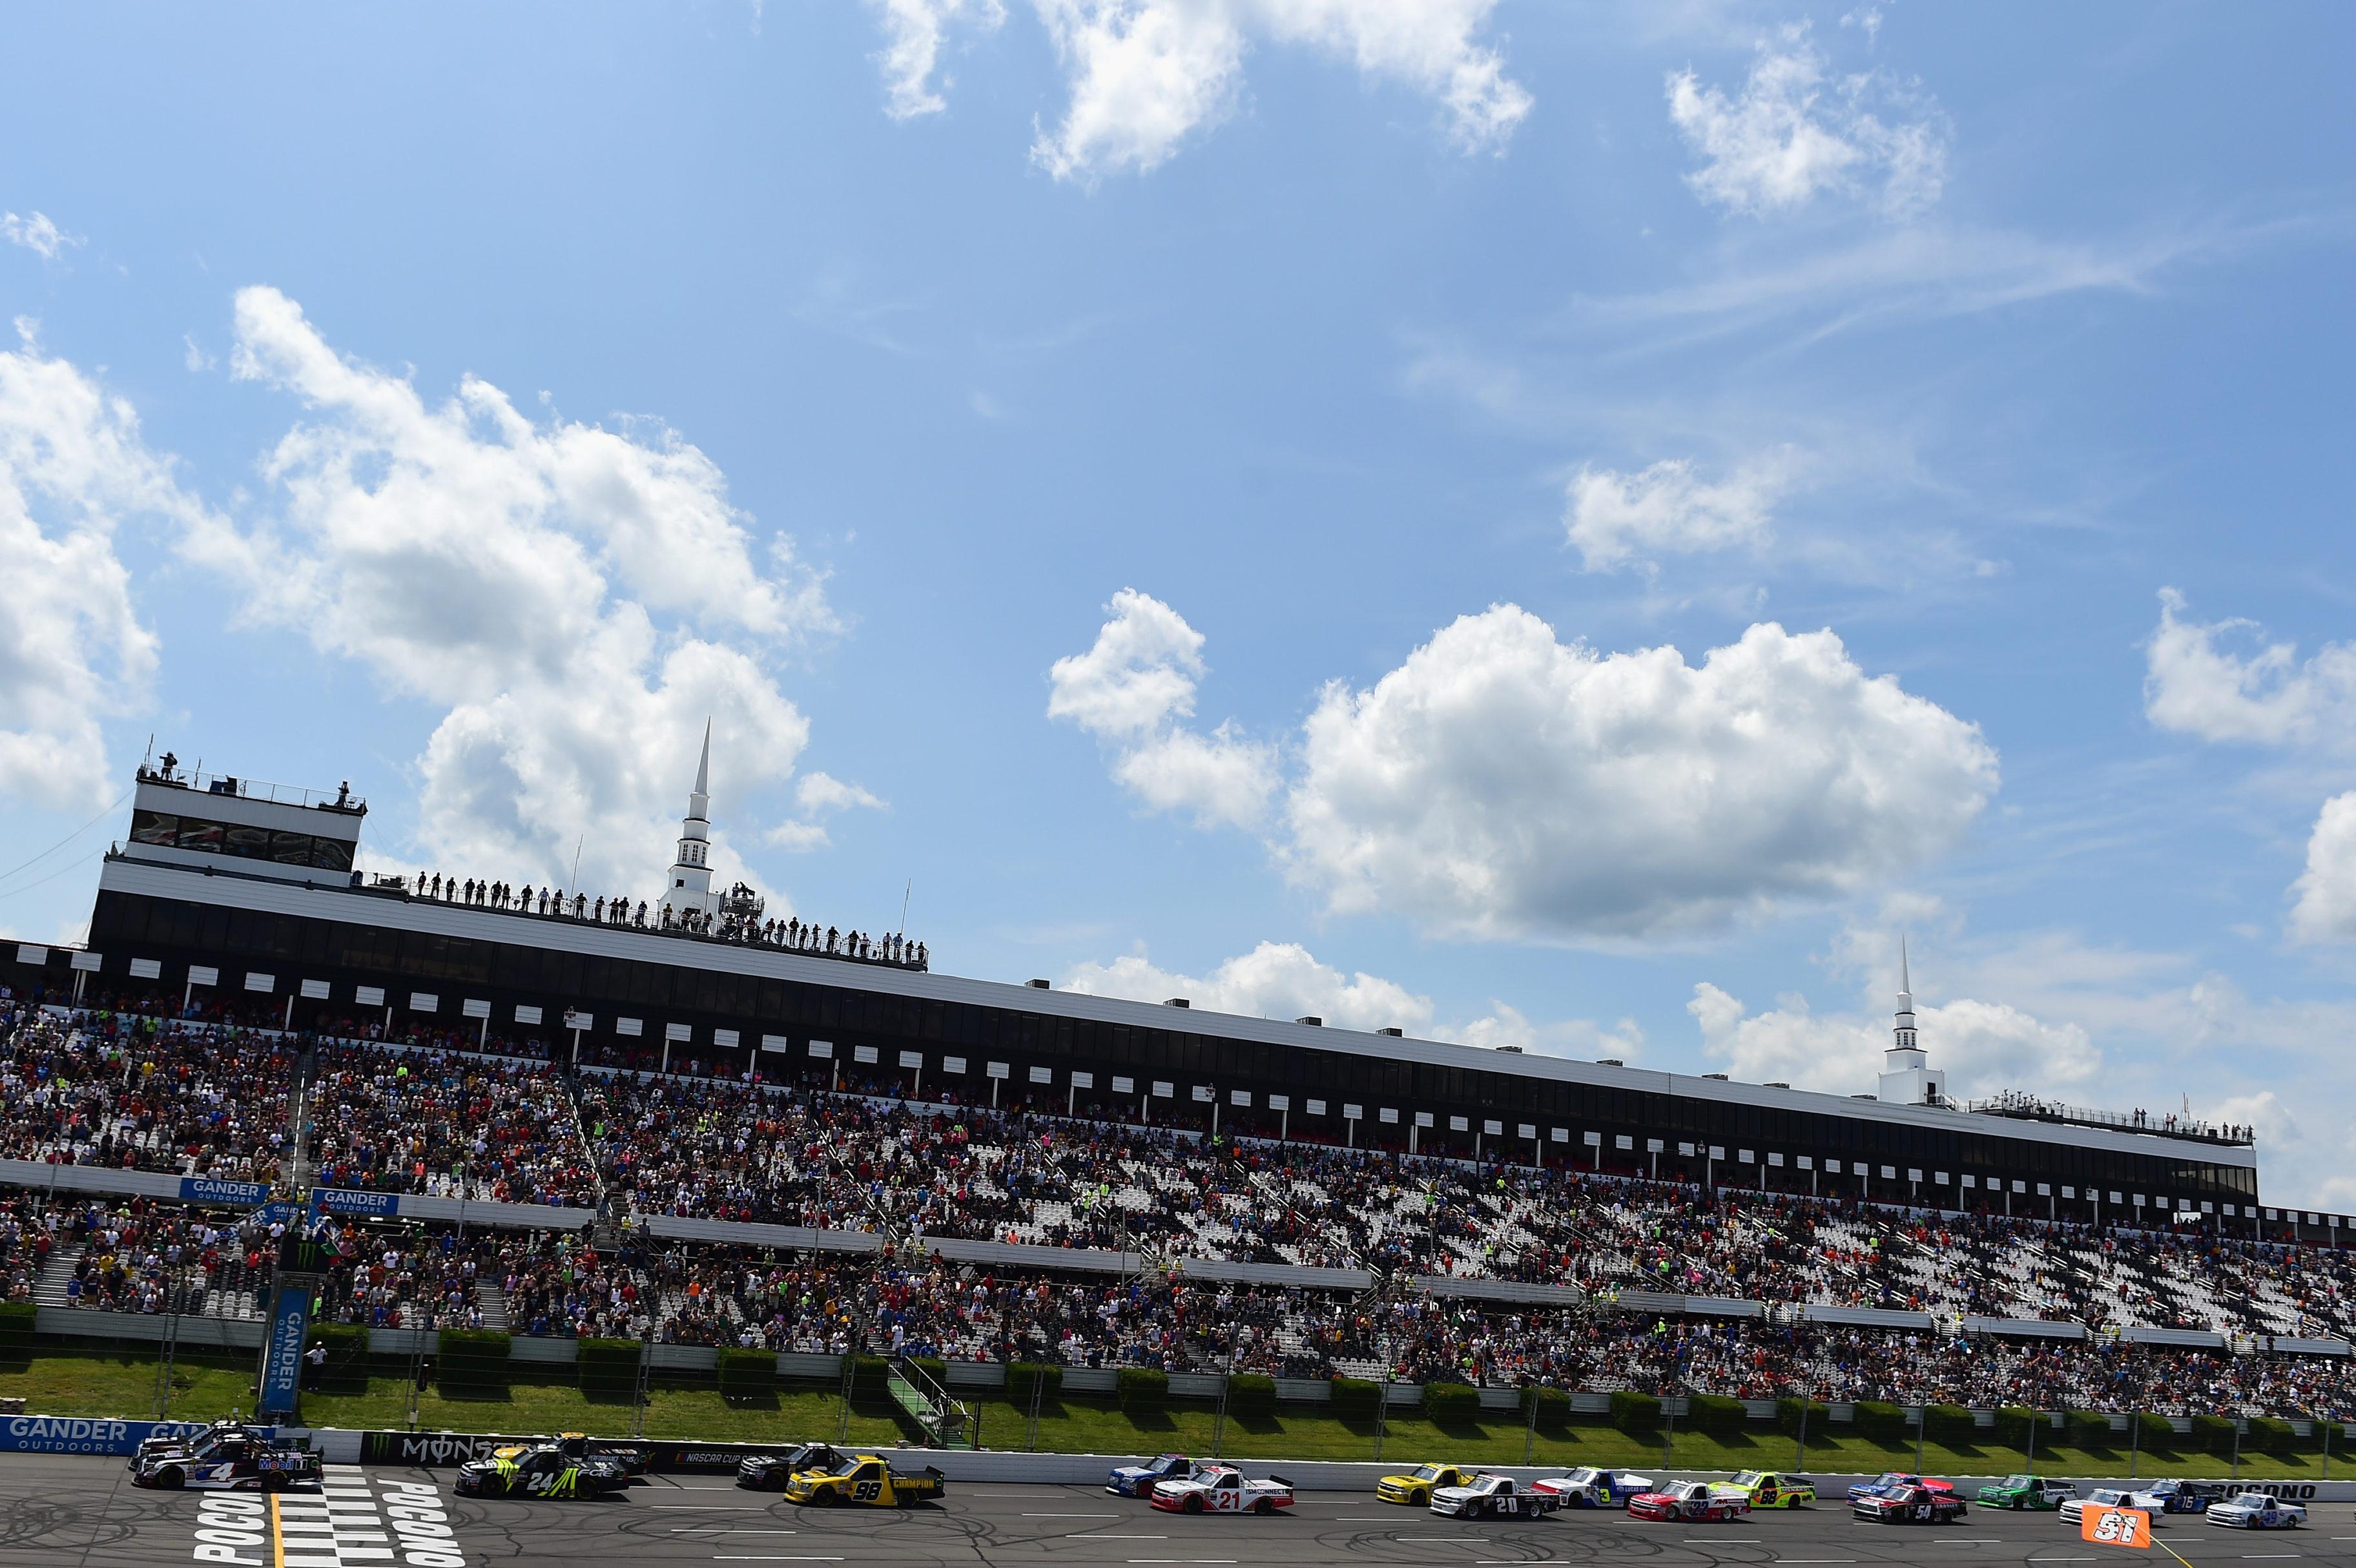 NASCAR Camping World Truck Series at Pocono Raceway